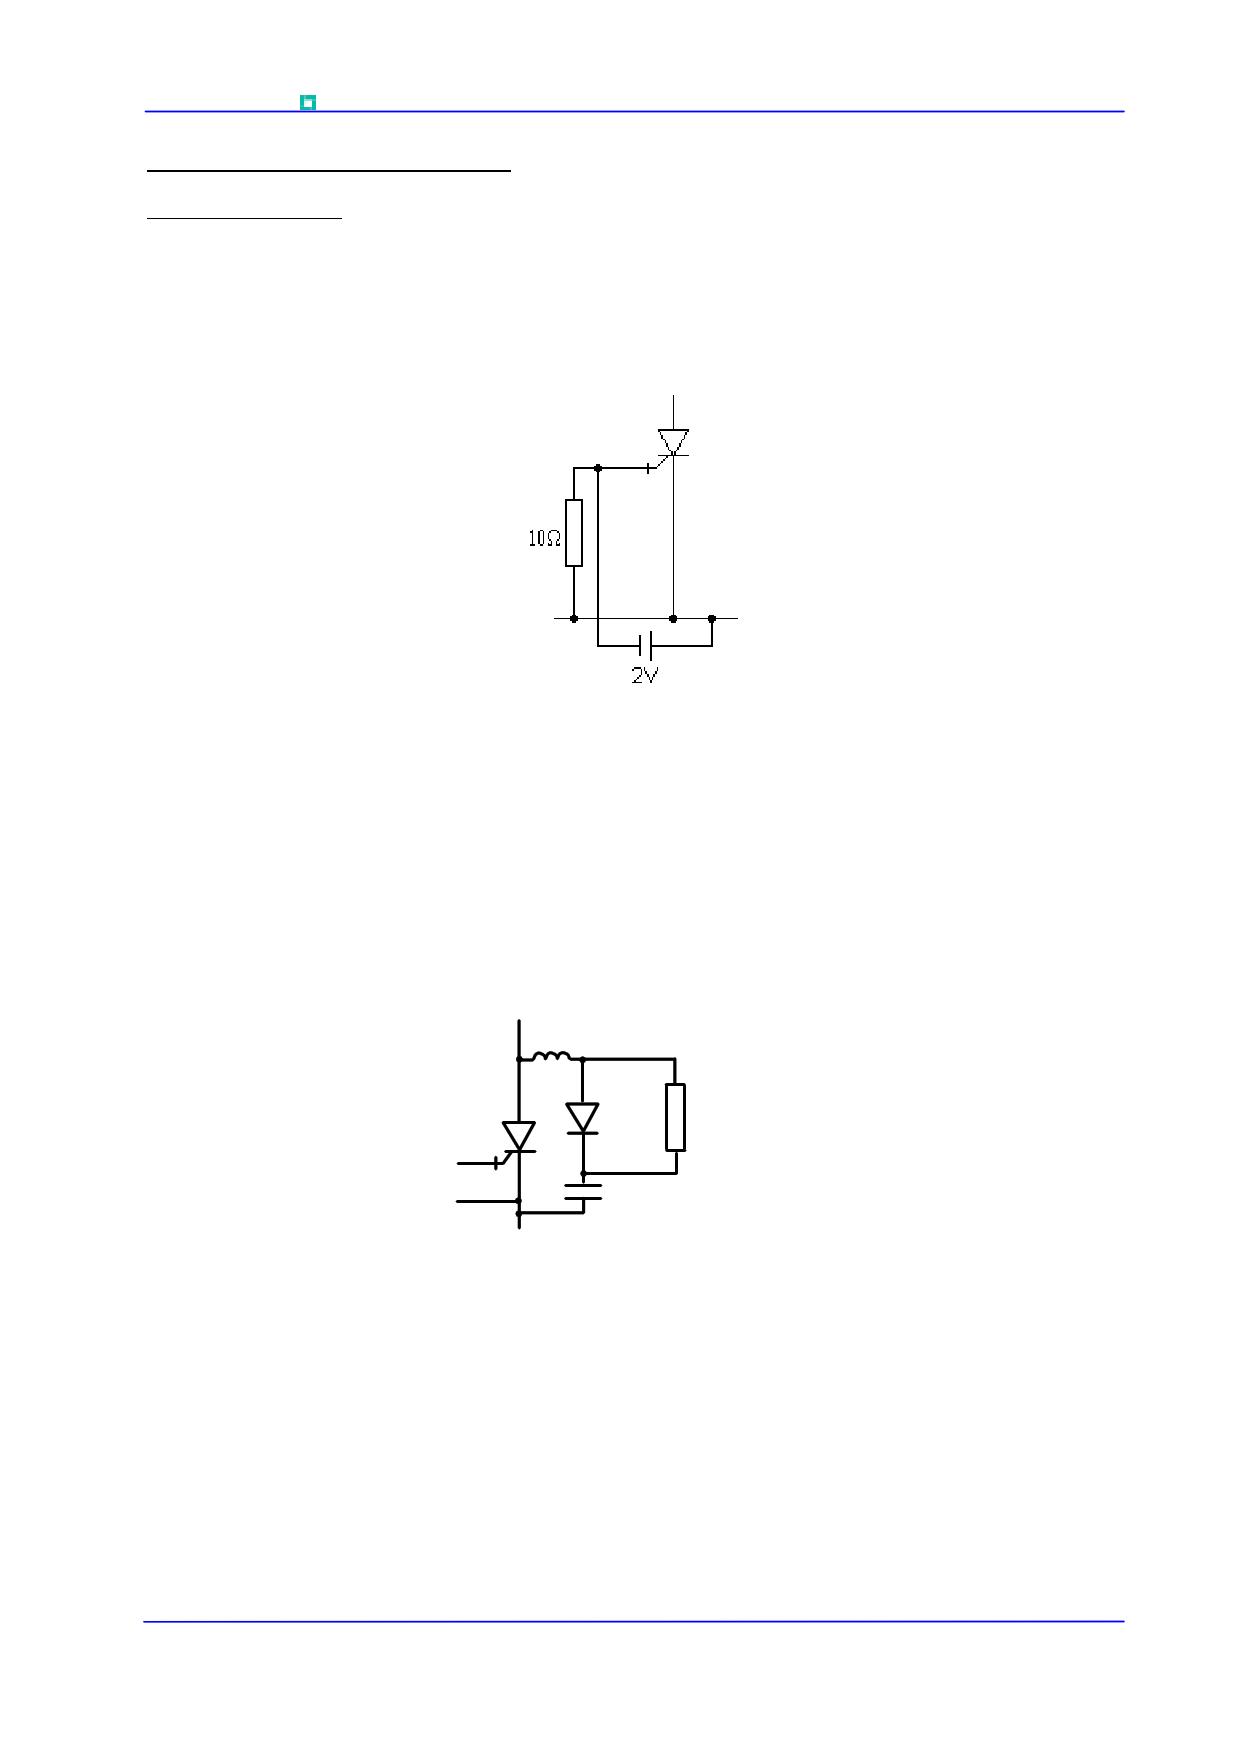 H0500KC25V Даташит, Описание, Даташиты